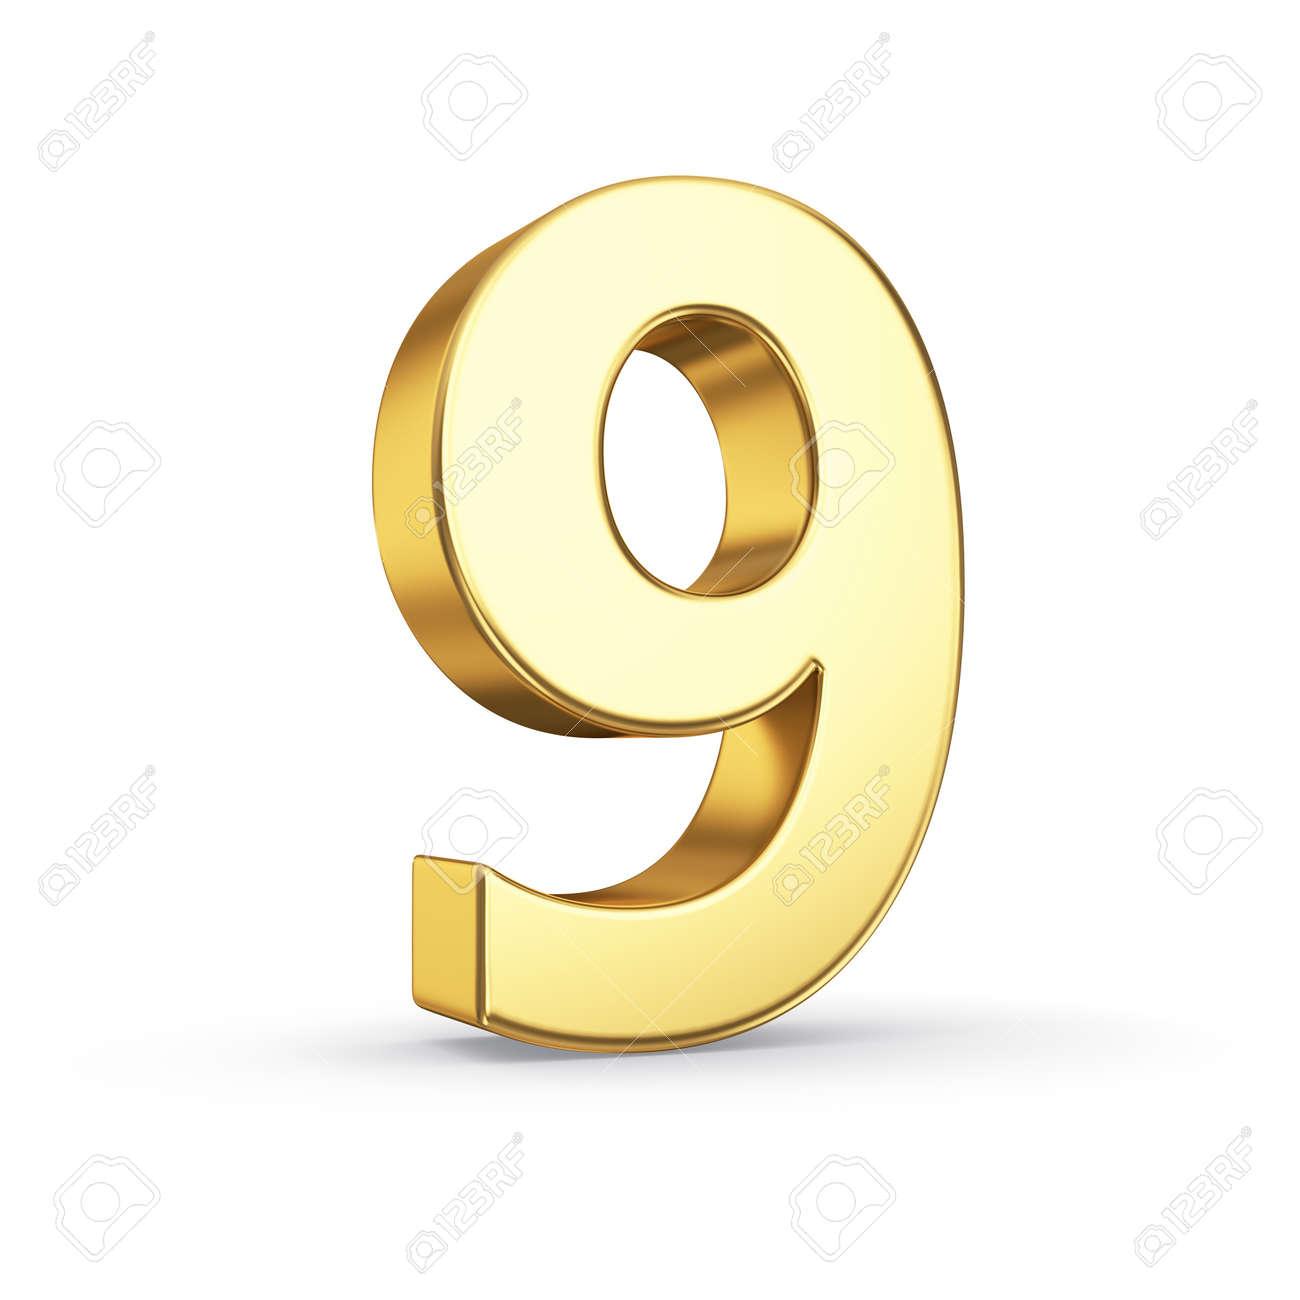 ゴールデン番号 9 - クリッピン...